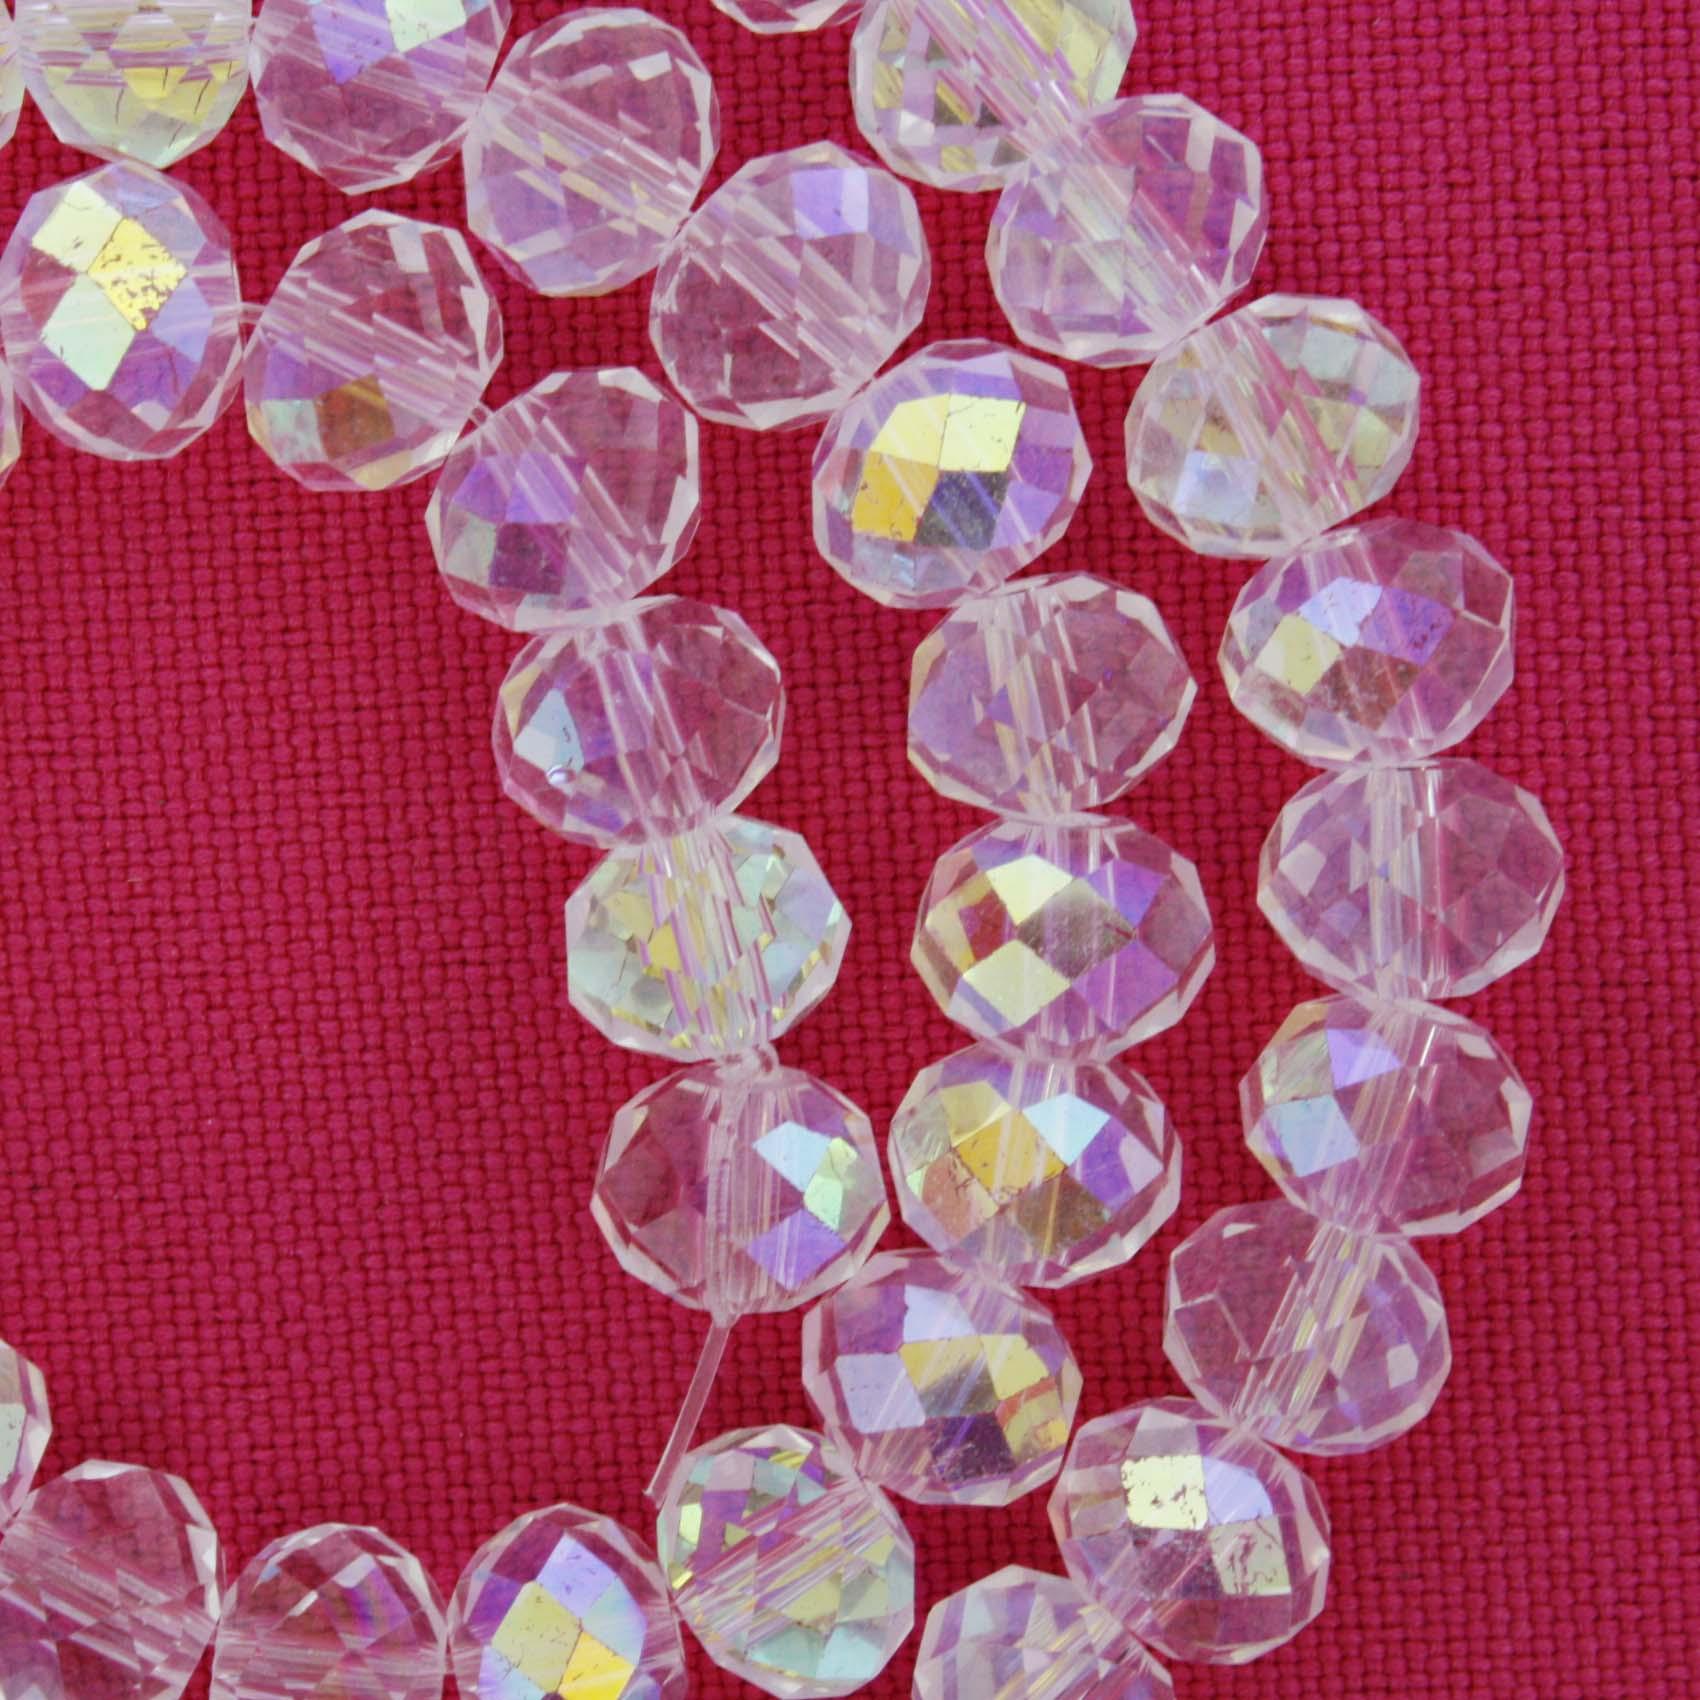 Fio de Cristal - Flat® - Transparente Irizado - 8mm  - Stéphanie Bijoux® - Peças para Bijuterias e Artesanato